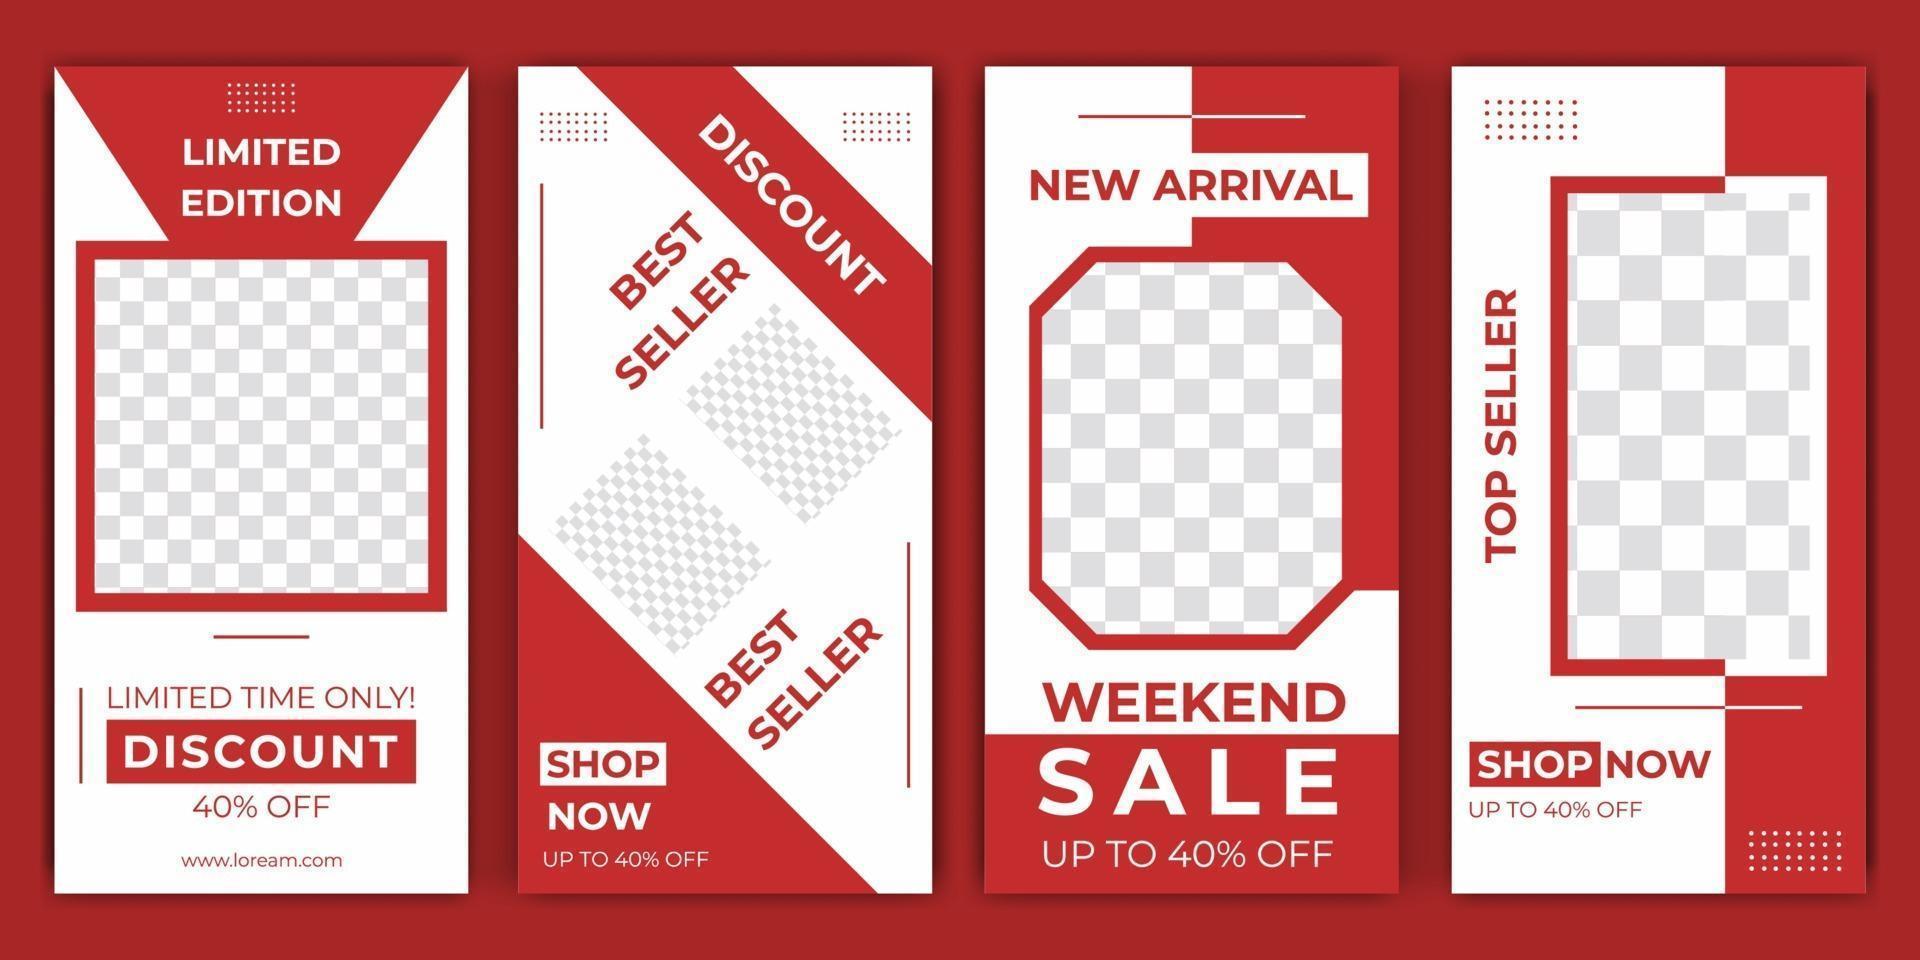 sociale media verhalen bewerkbare post-ontwerp verkoop promotie set sjabloon premium vector elegante rode kleur. stijlvolle posts, verhalen en foto's op sociale media. vector illustratie